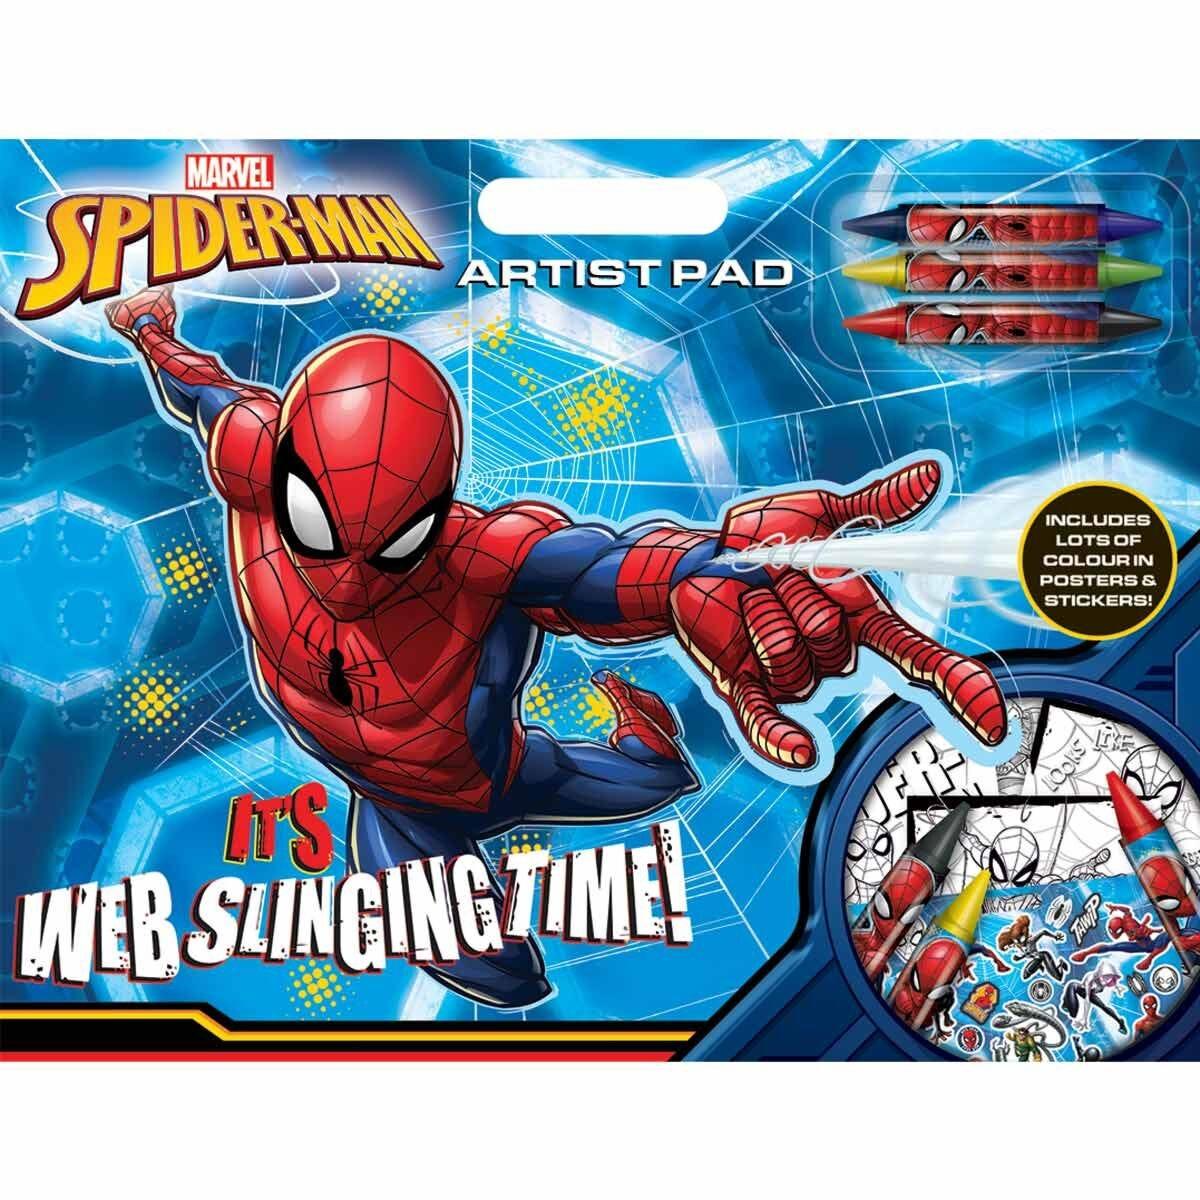 Marvel Spider-Man Artist Pad